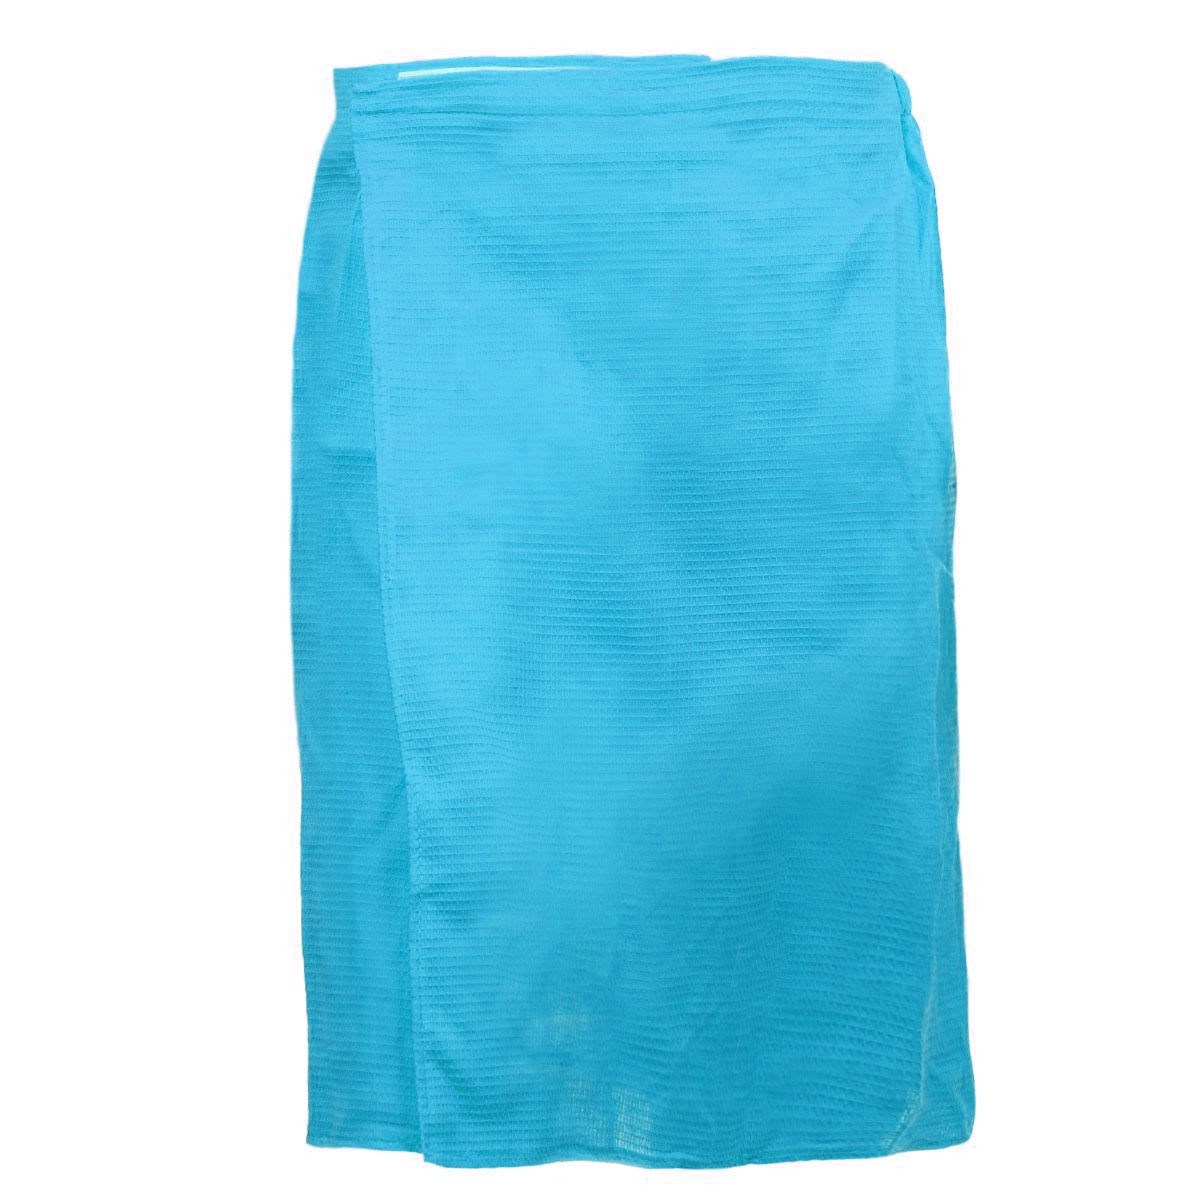 Килт для бани и сауны Банные штучки, мужской, цвет: голубой килт махровый фиолетовый